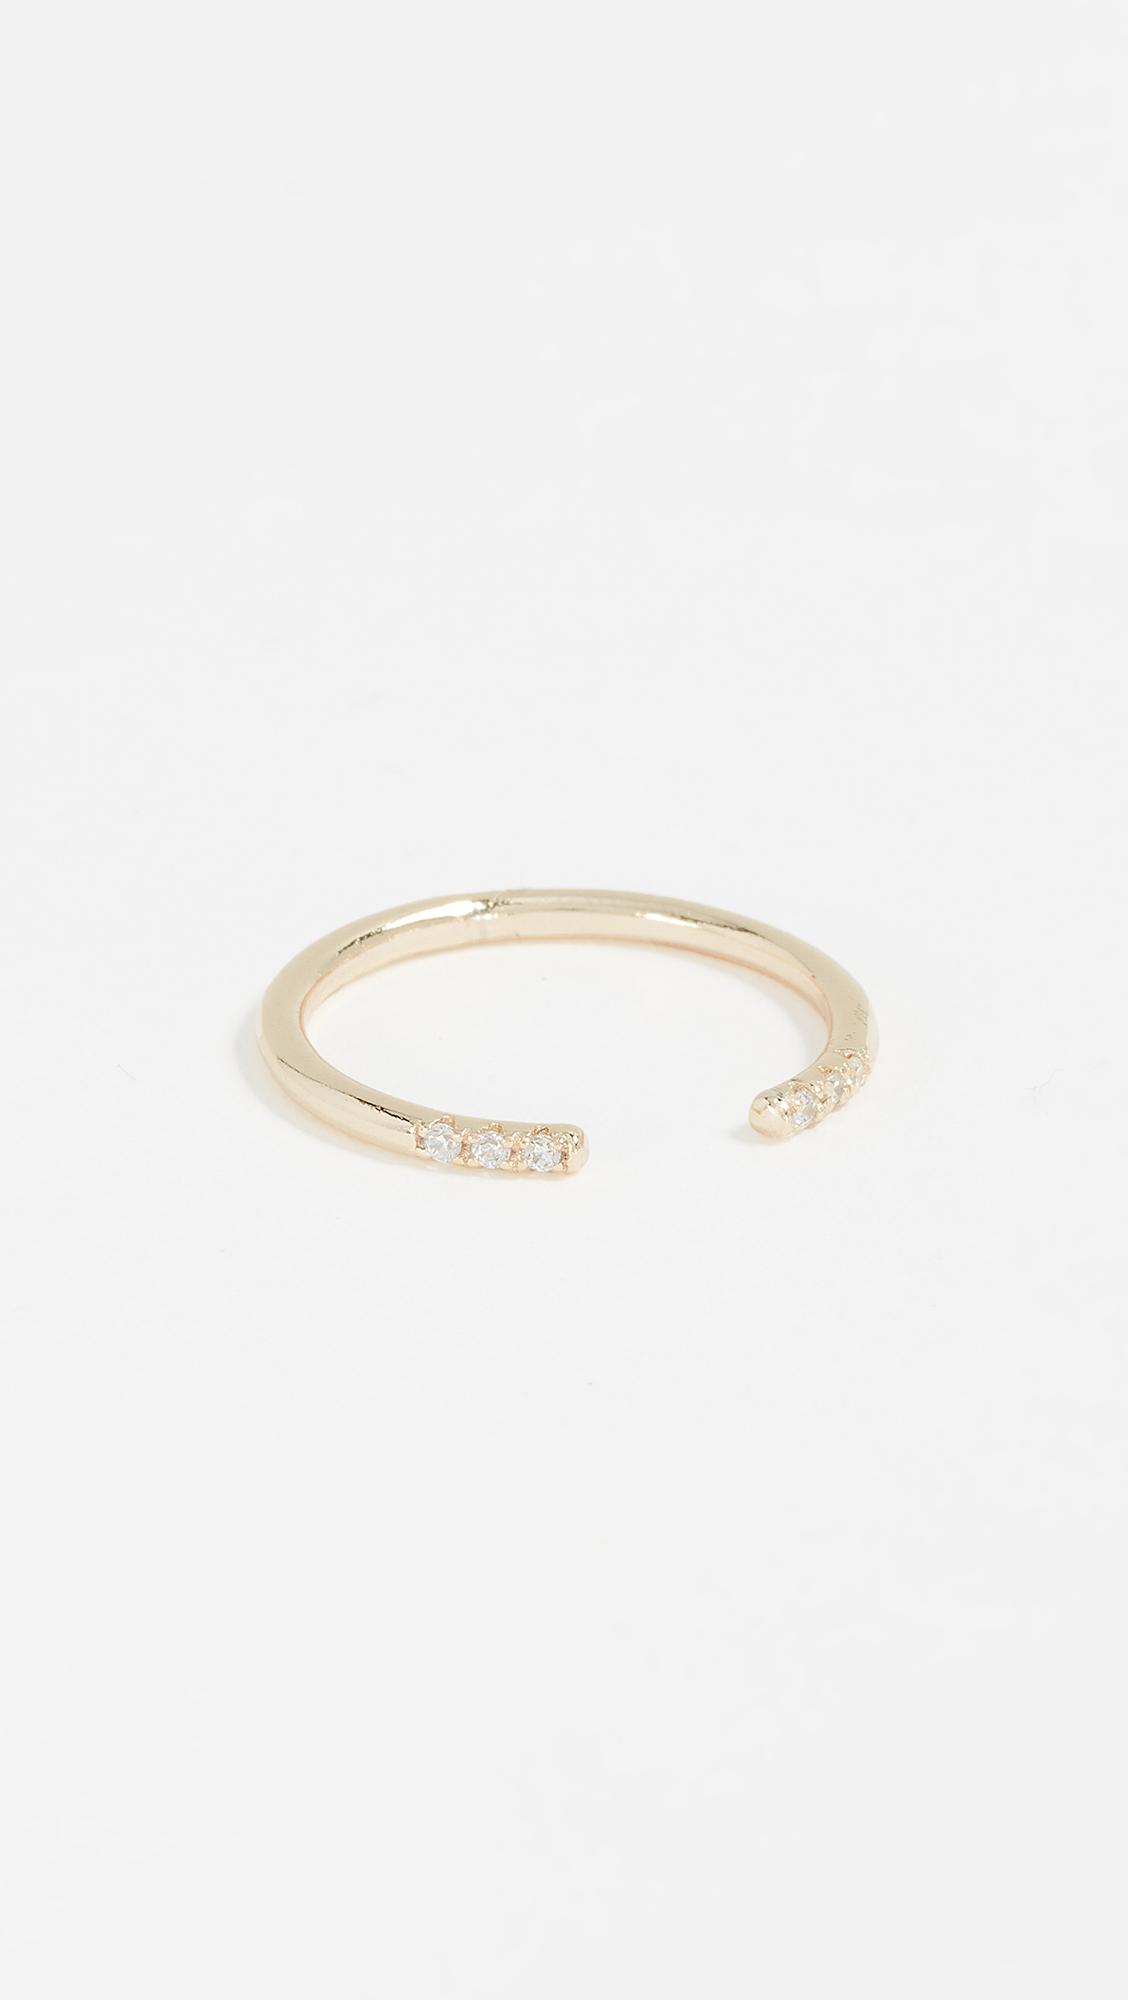 Shashi Ava Ring - Clear/Gold